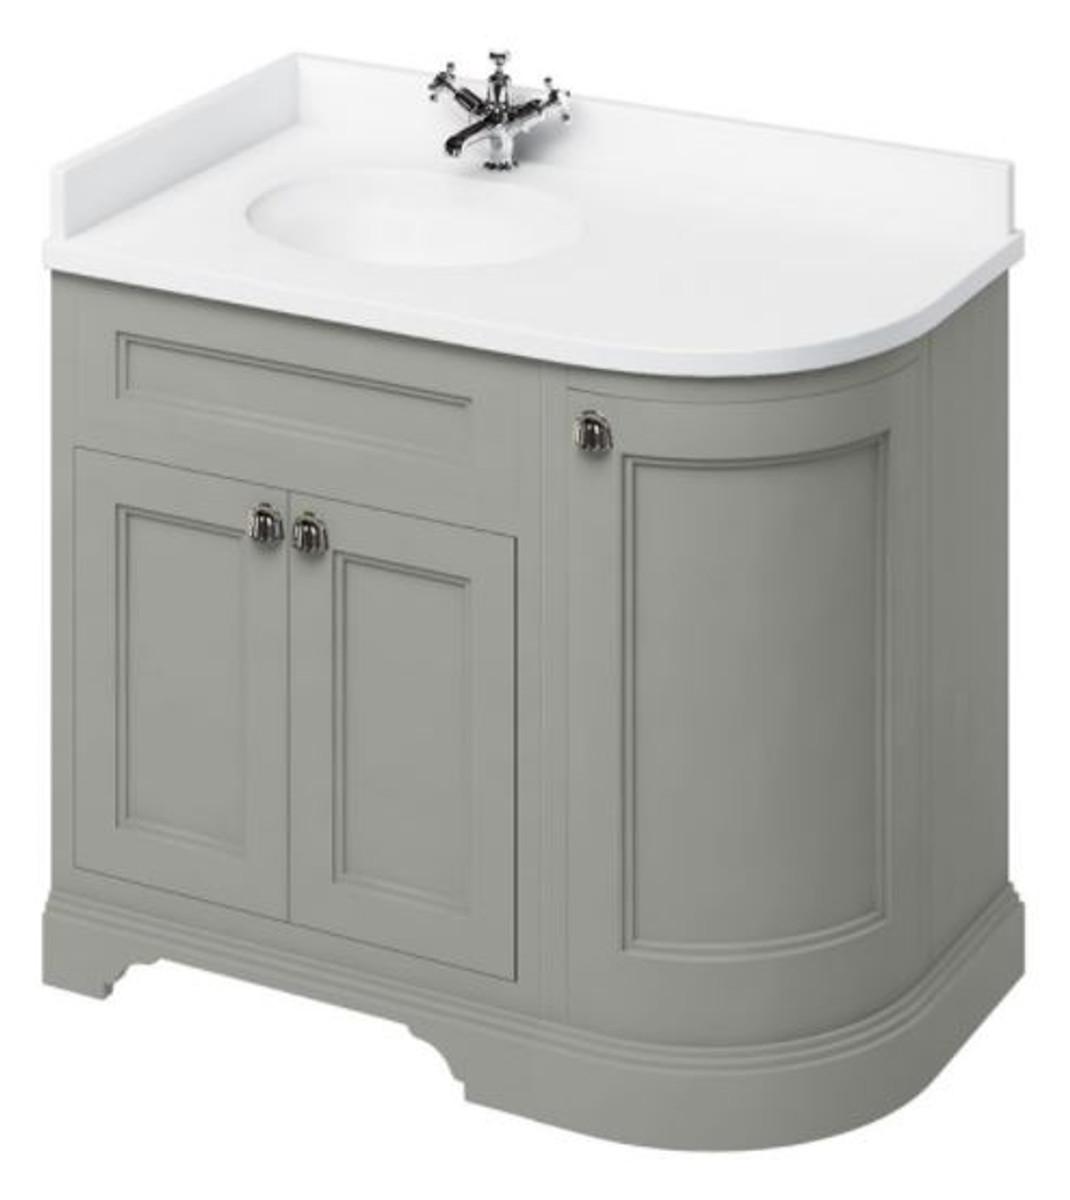 casa padrino waschschrank waschtisch mit marmorplatte und 3 t ren hotel restaurant m bel. Black Bedroom Furniture Sets. Home Design Ideas